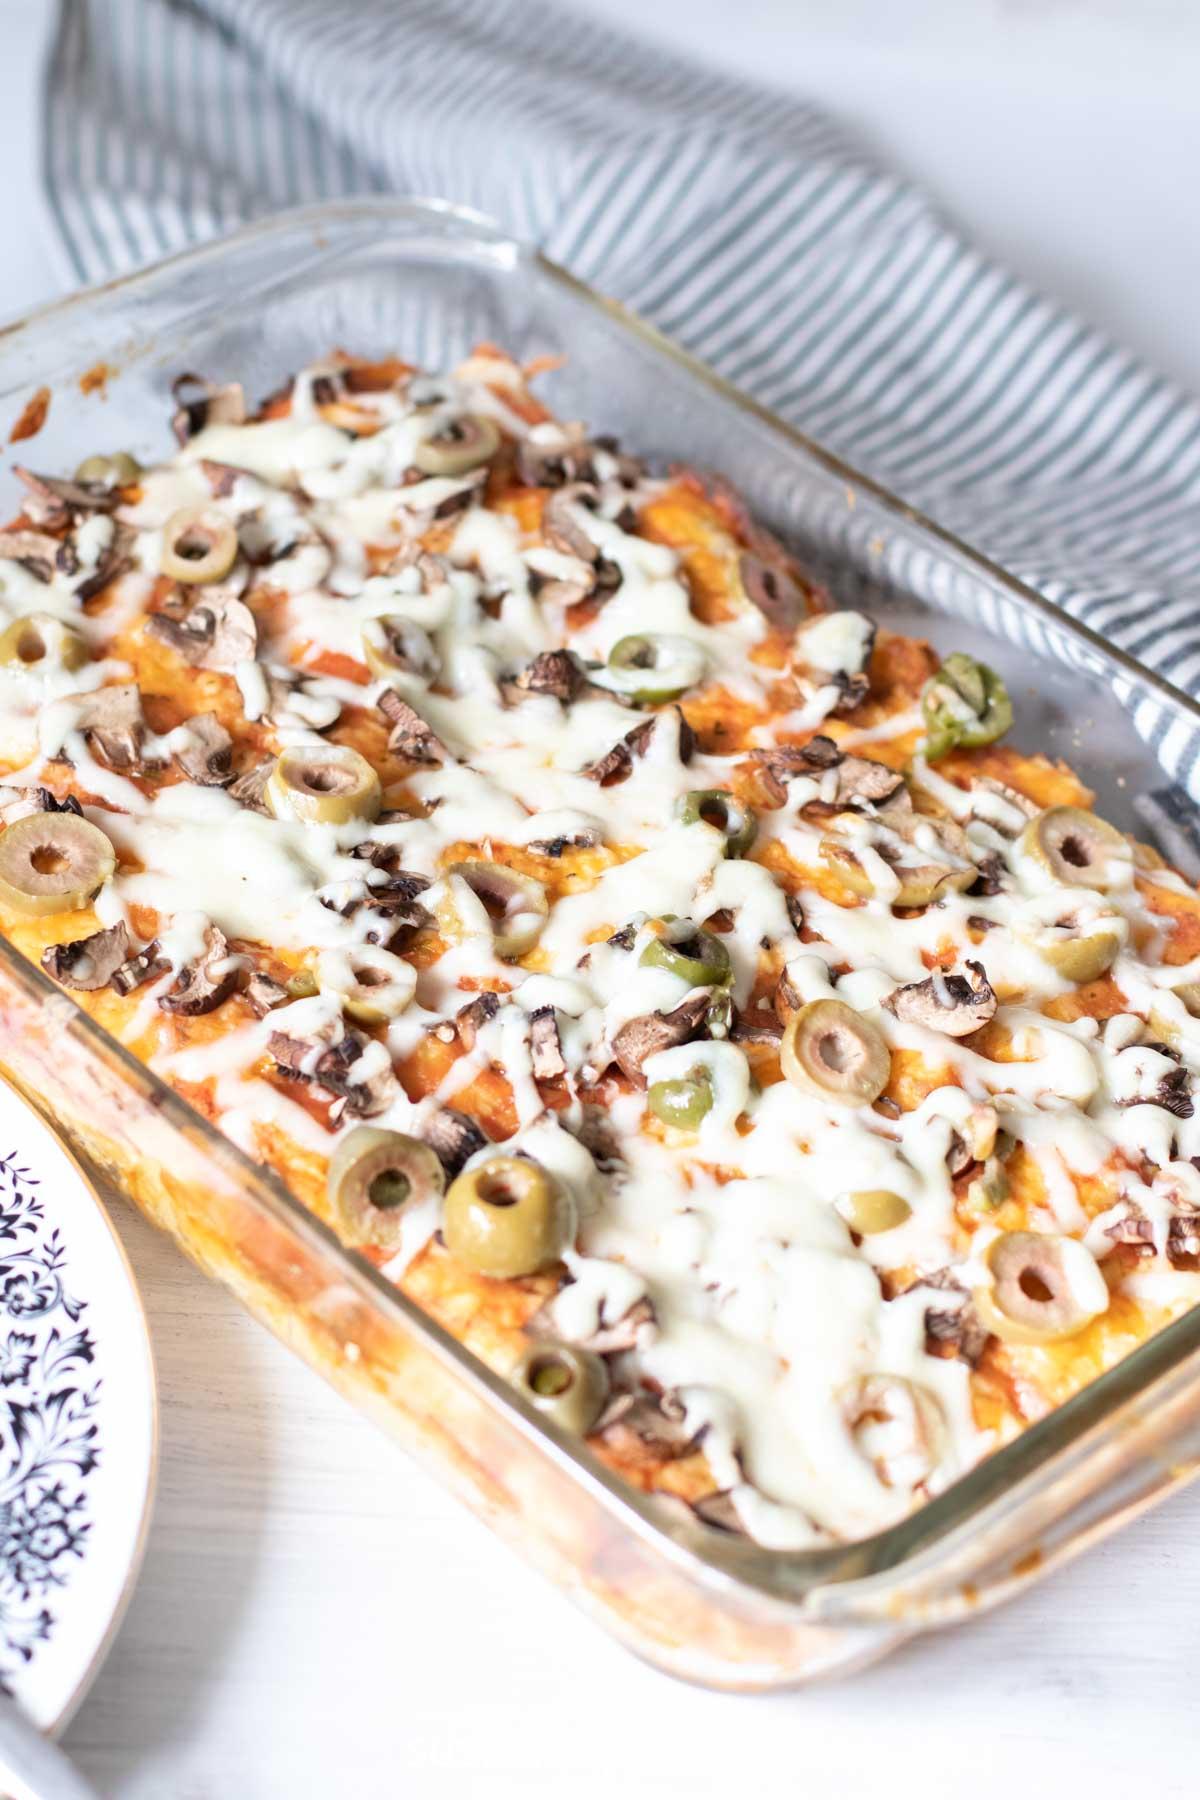 Zucchini pizza in a glass pan.